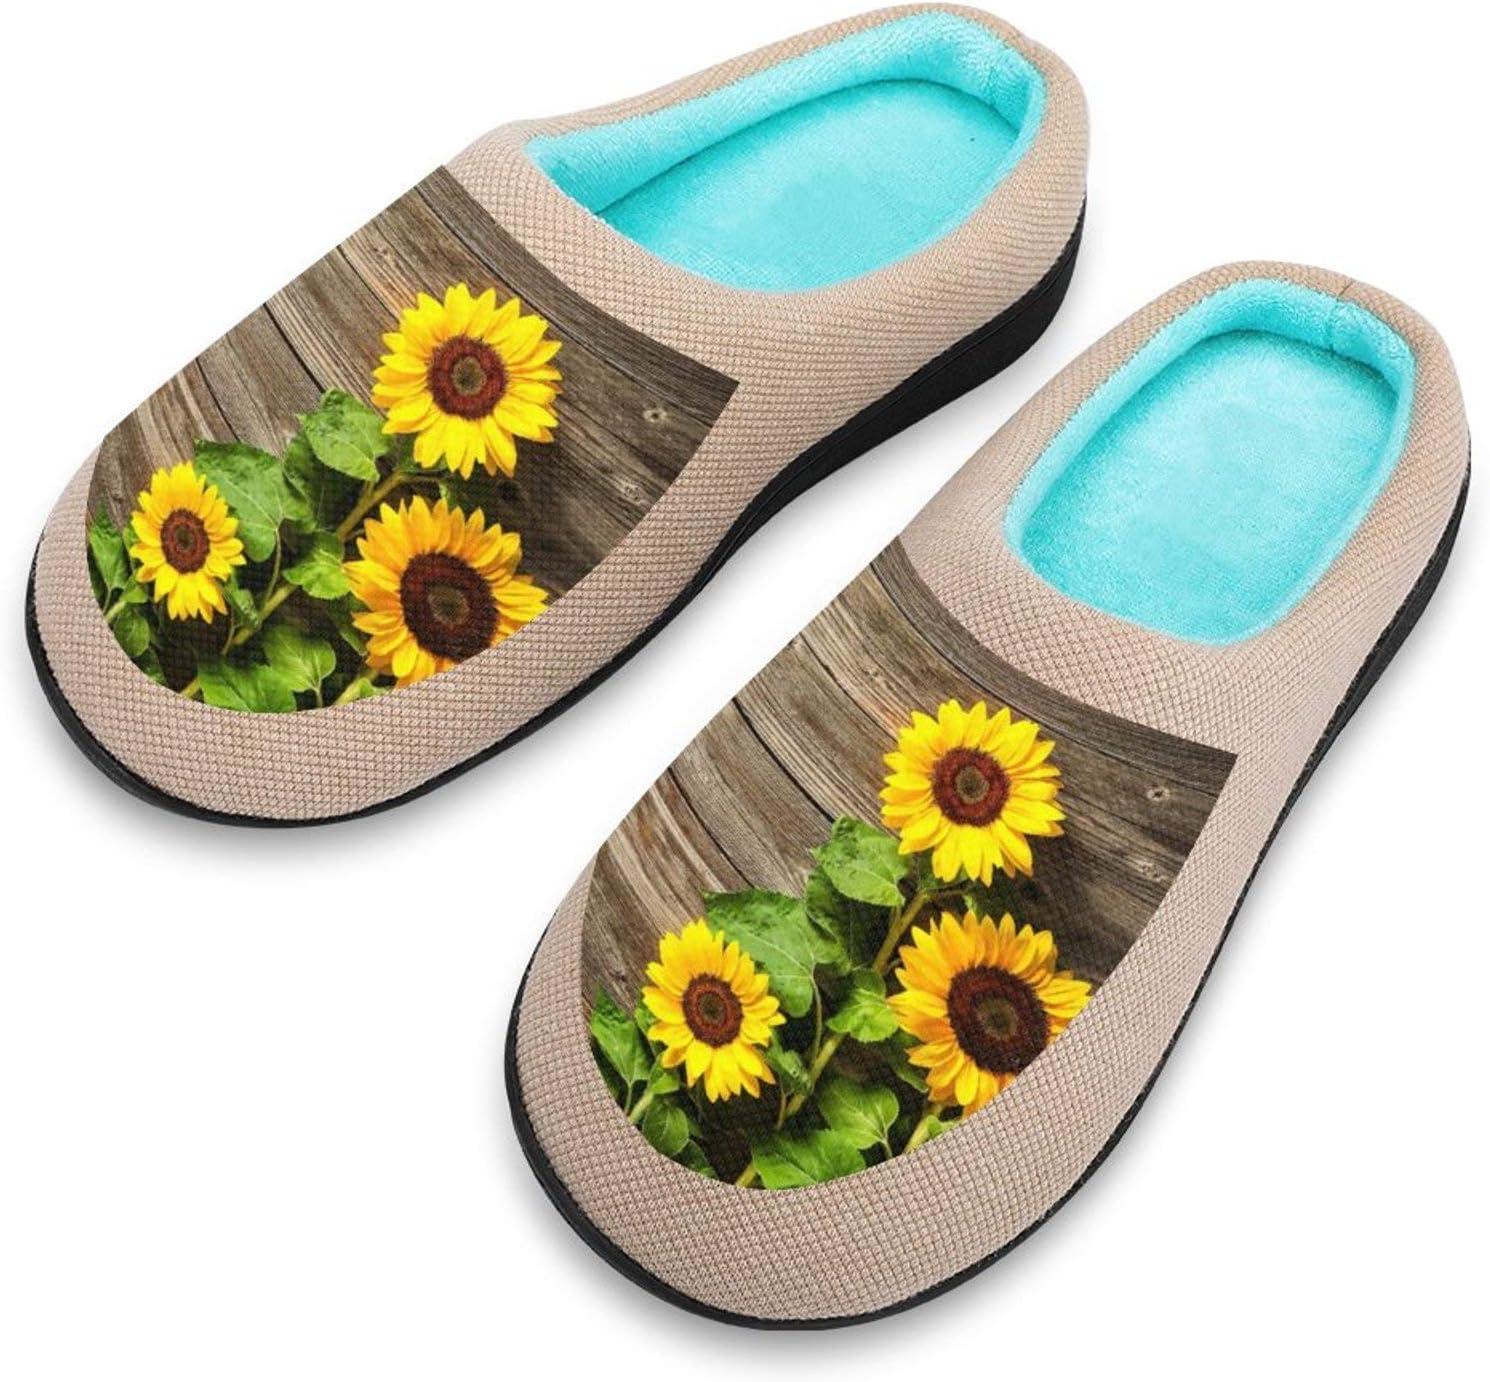 UMIPUBO Hombre Zapatillas Casa Mujer Invierno Antideslizantes Espuma de Memoria de Alta Densidad C/álido Interior al Aire Libre Forro de Felpa Suela Antideslizante Zapatos